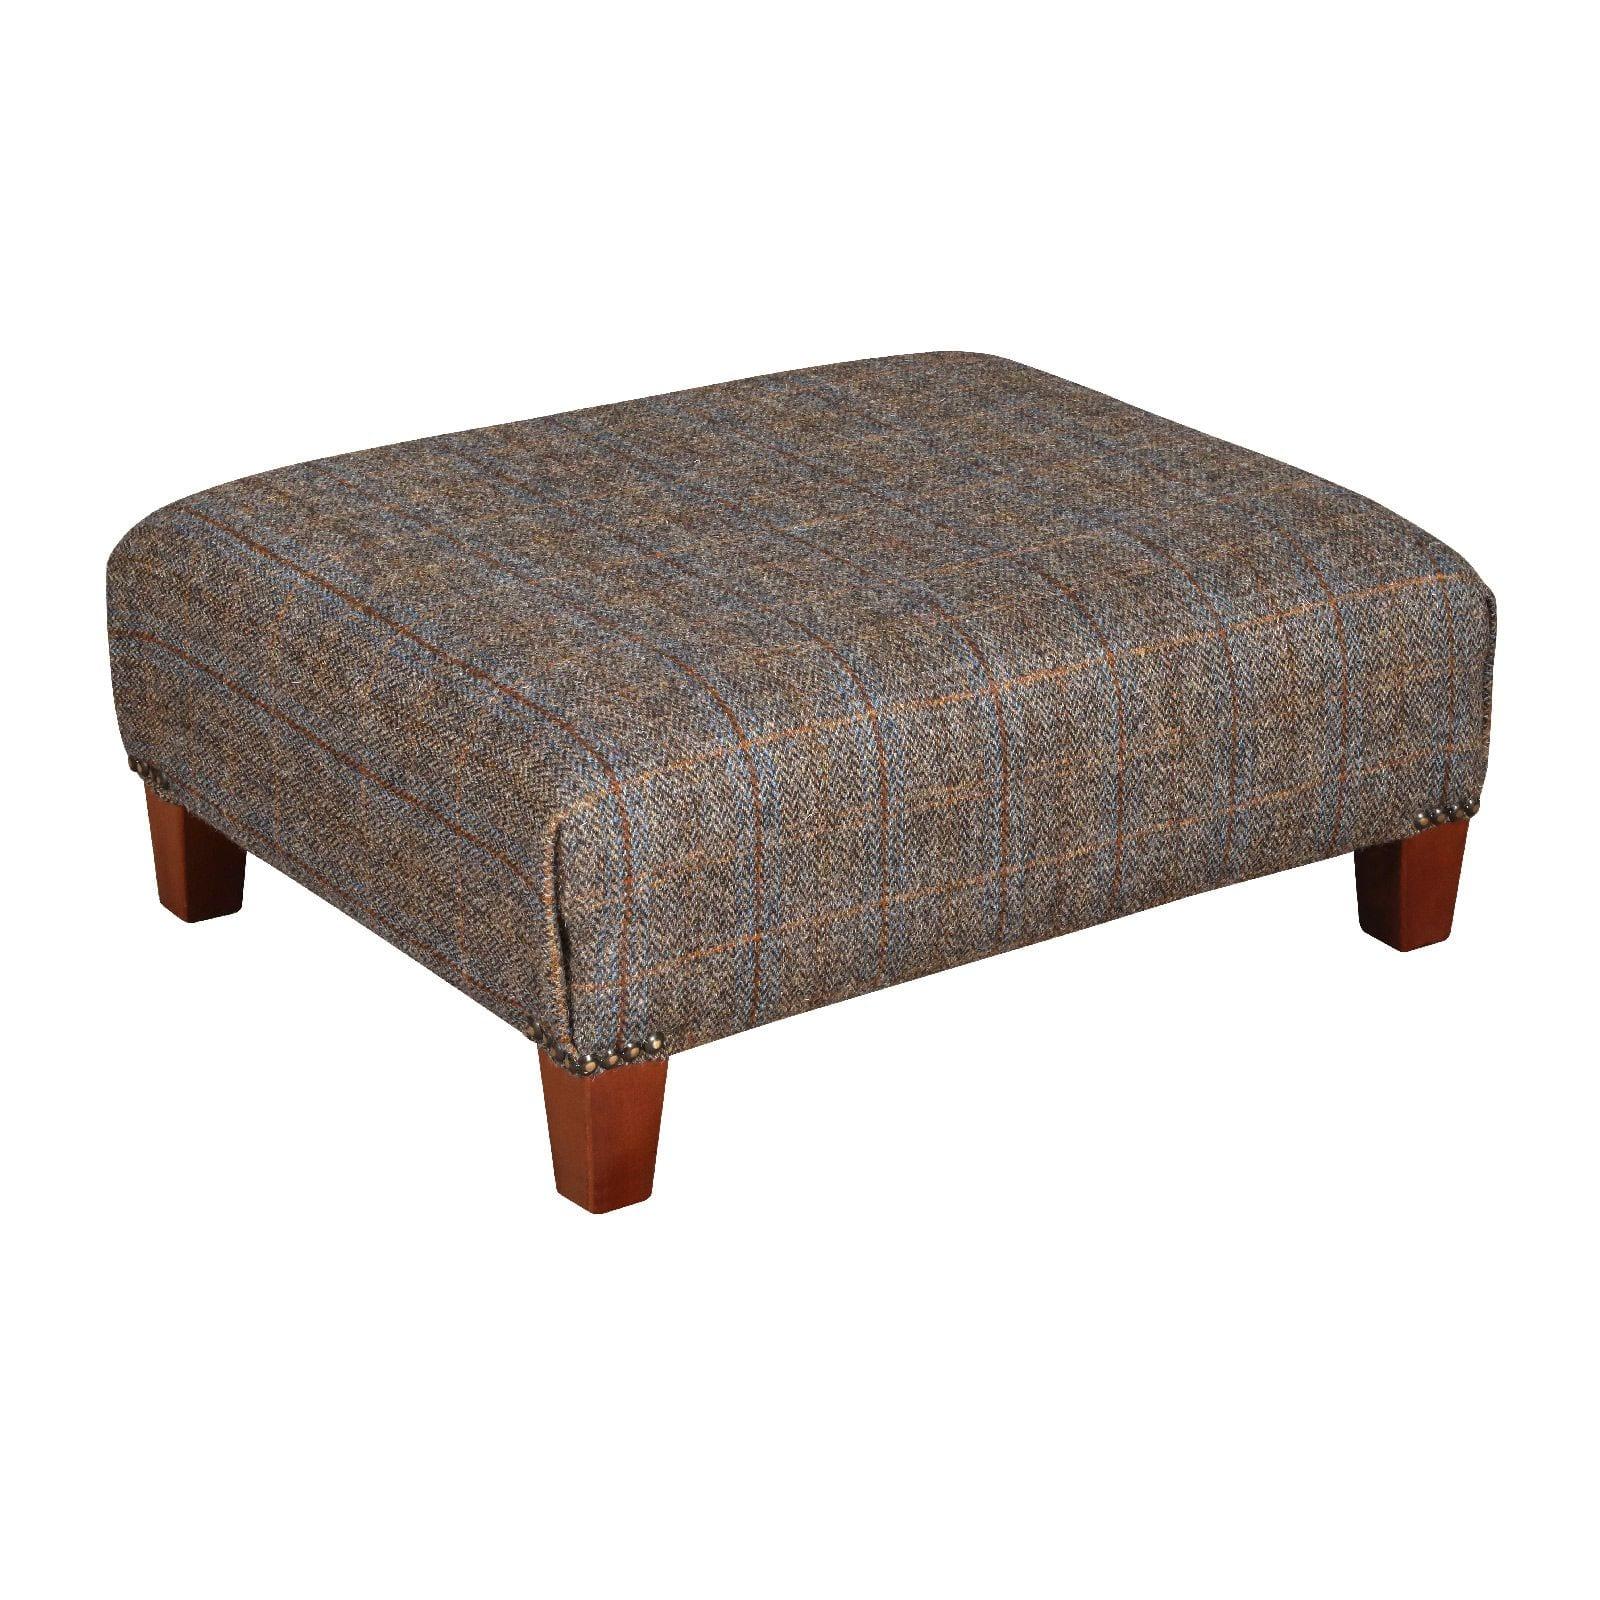 Kensington pull out stool plain 2